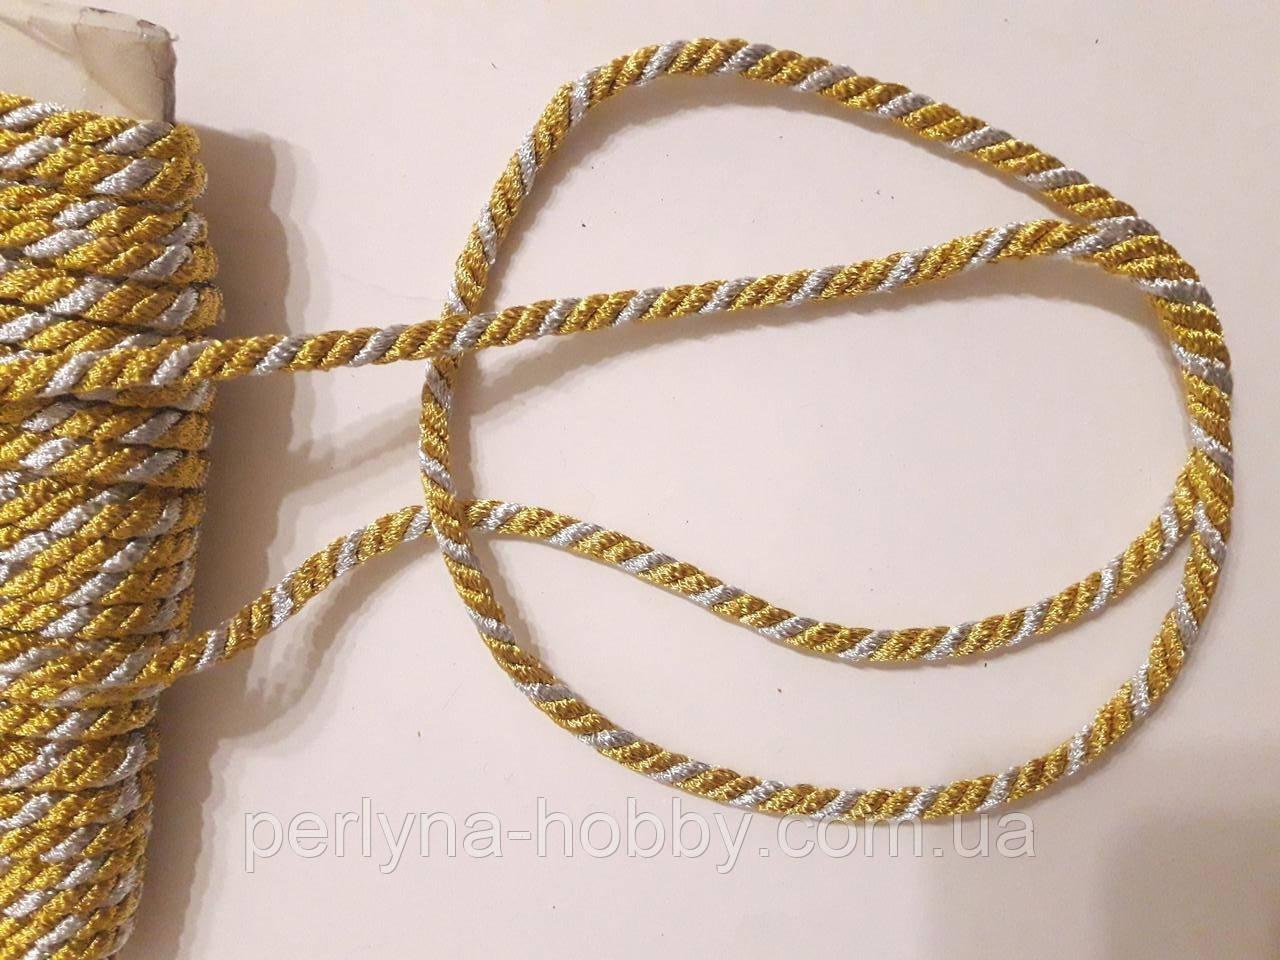 Шнур текстильный декоративный, Шнур текстильний  люрексовий 4,5 мм.  Золото-срібло. Ціна за 1 метр.